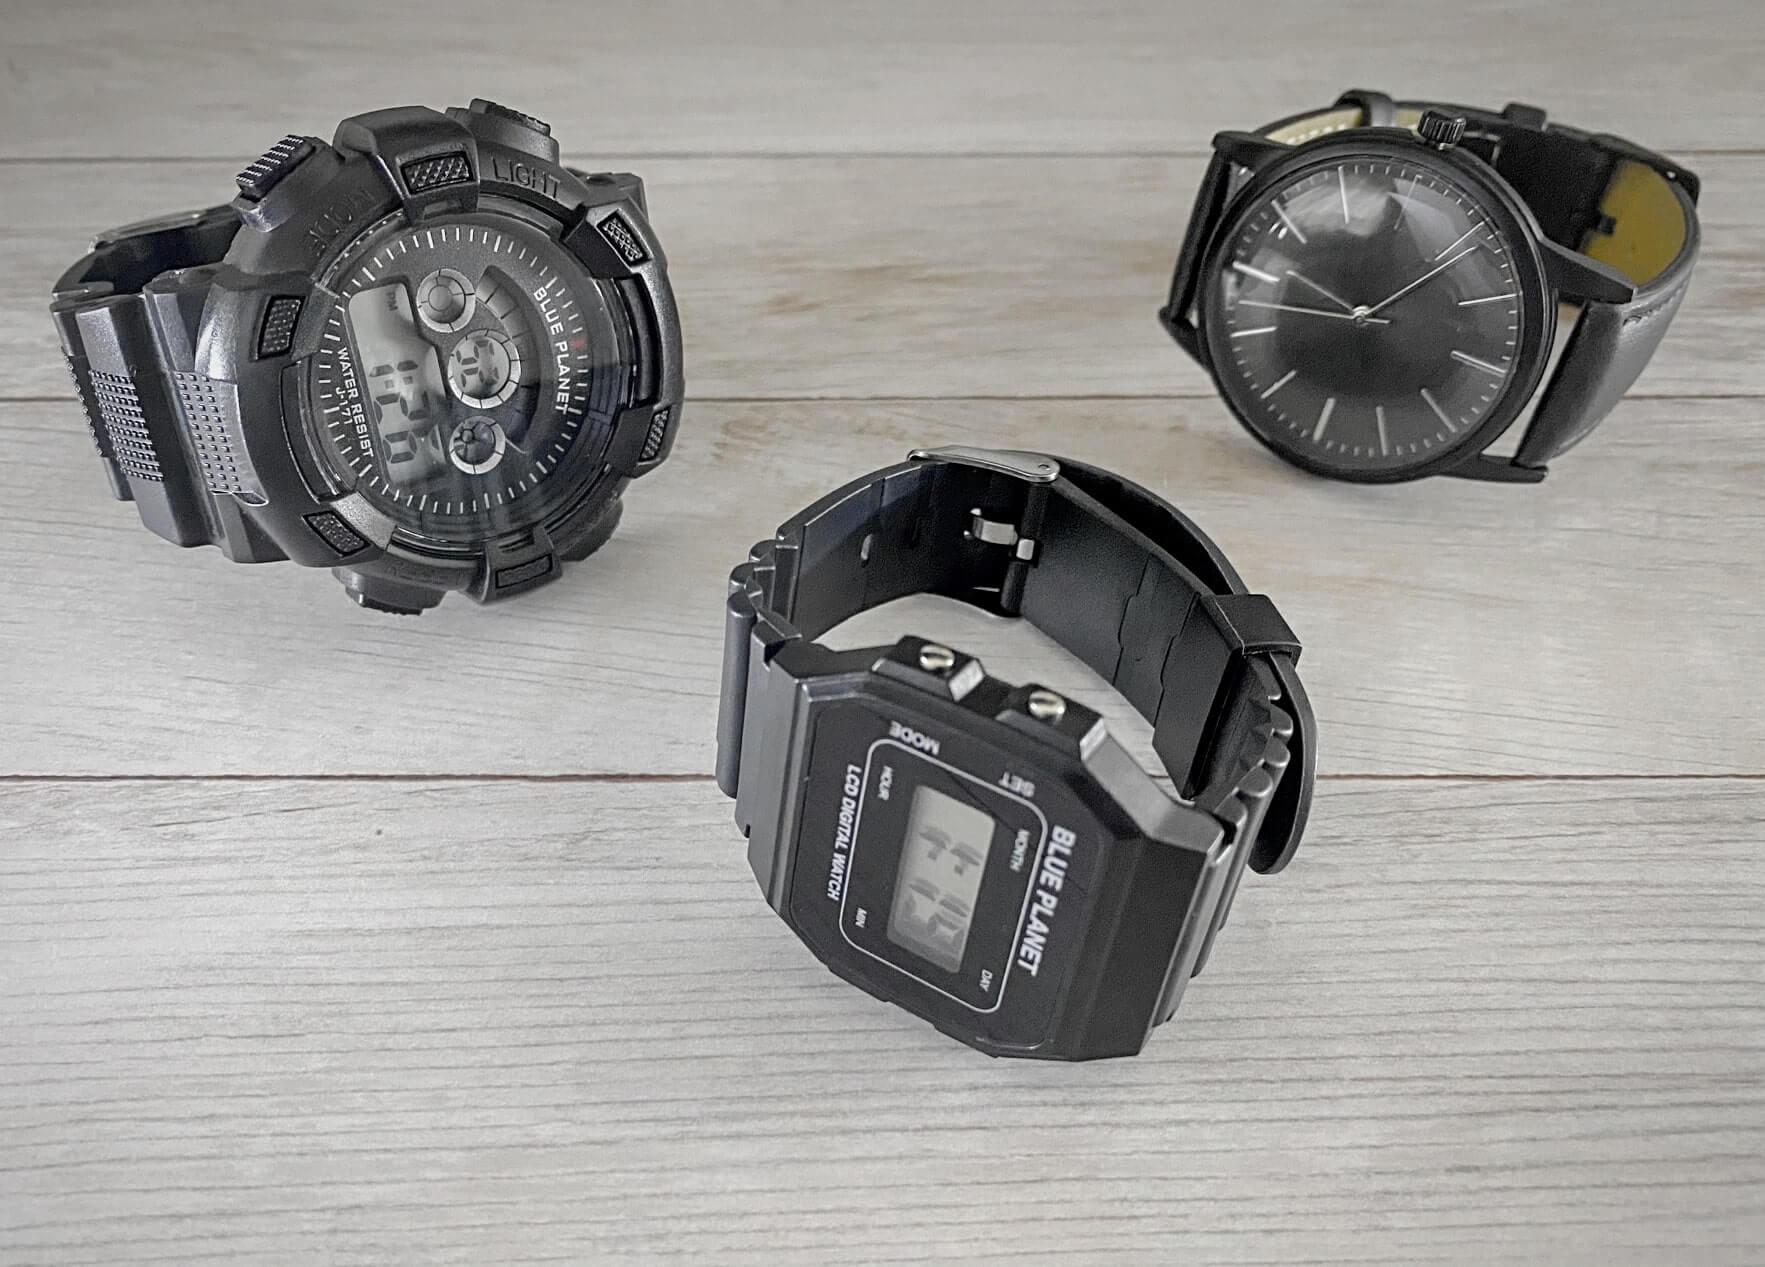 ダイソーの100円、300円、500円の腕時計の外観